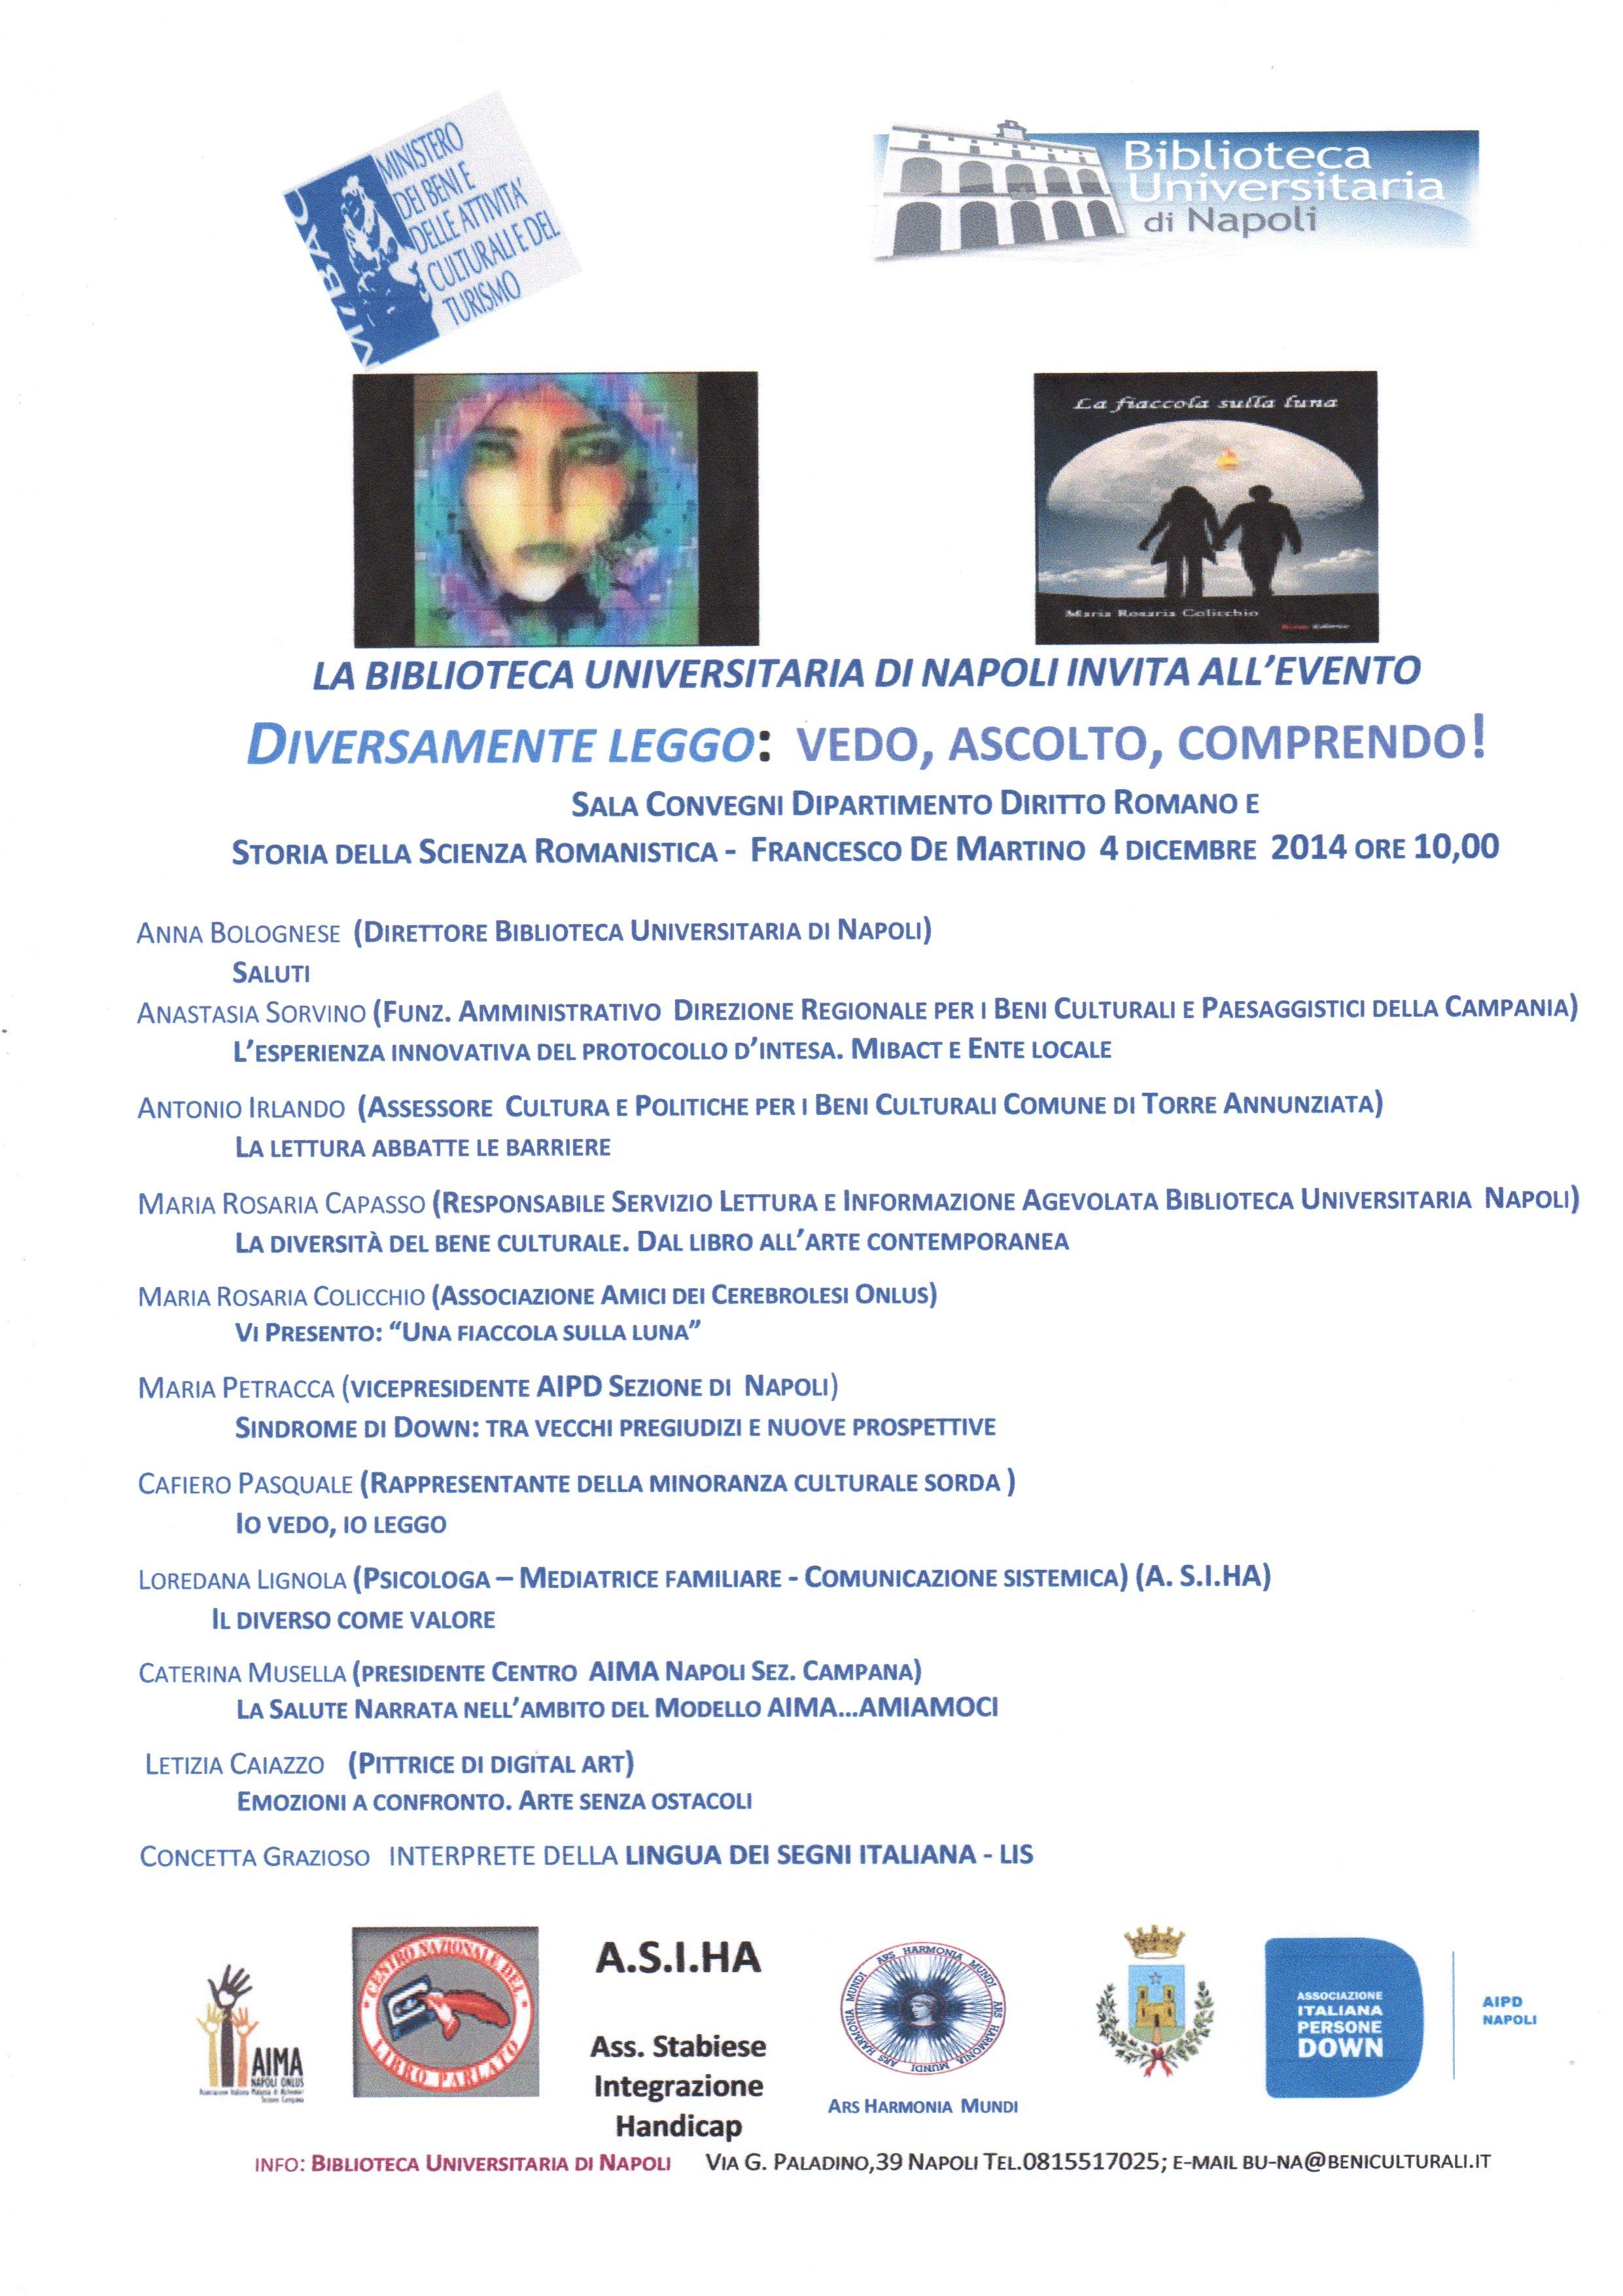 Convegno 4 Dicembre, ore 10, Biblioteca Universitaria di Napoli